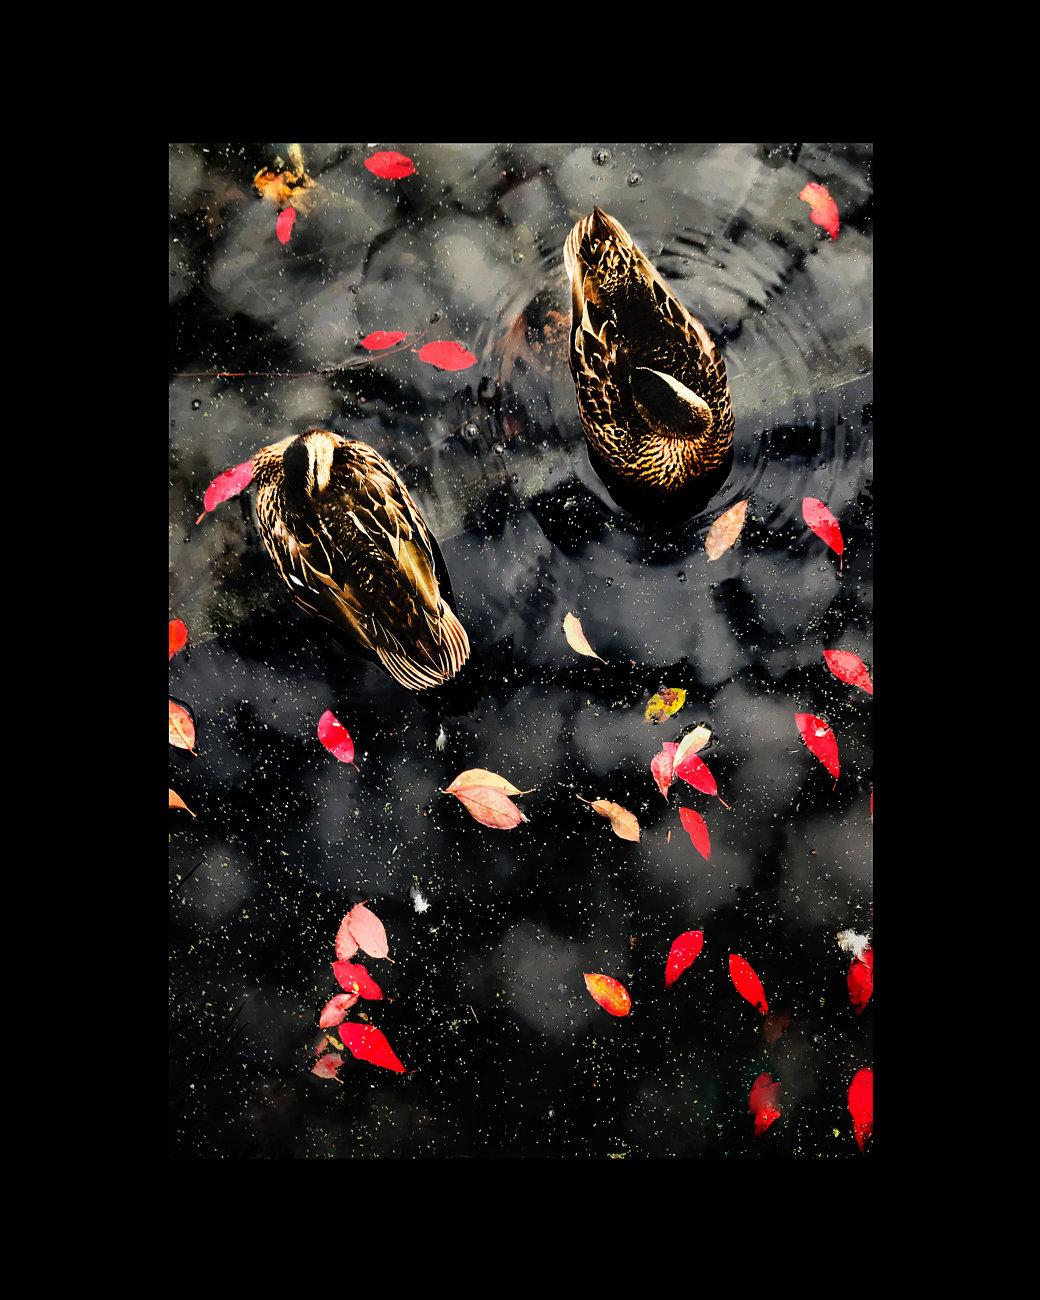 Broomfield Ducks